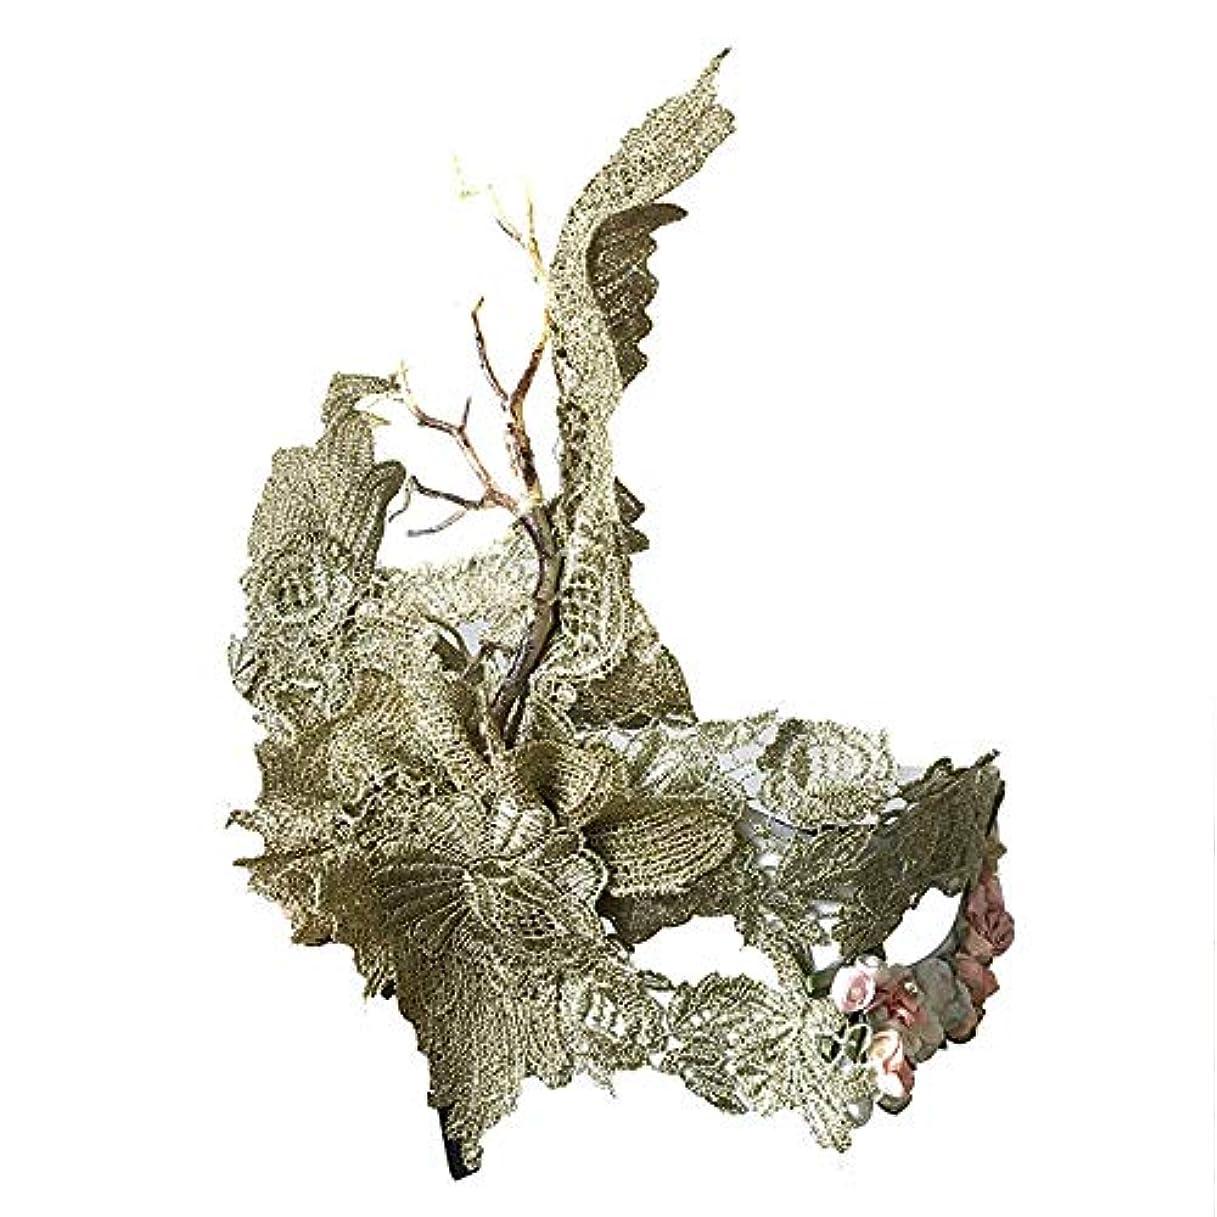 プロテスタント排除する防腐剤Nanle ハロウィーン手刺繍乾燥ブランチマスク仮装マスクレディミスプリンセス美容祭パーティー装飾マスク